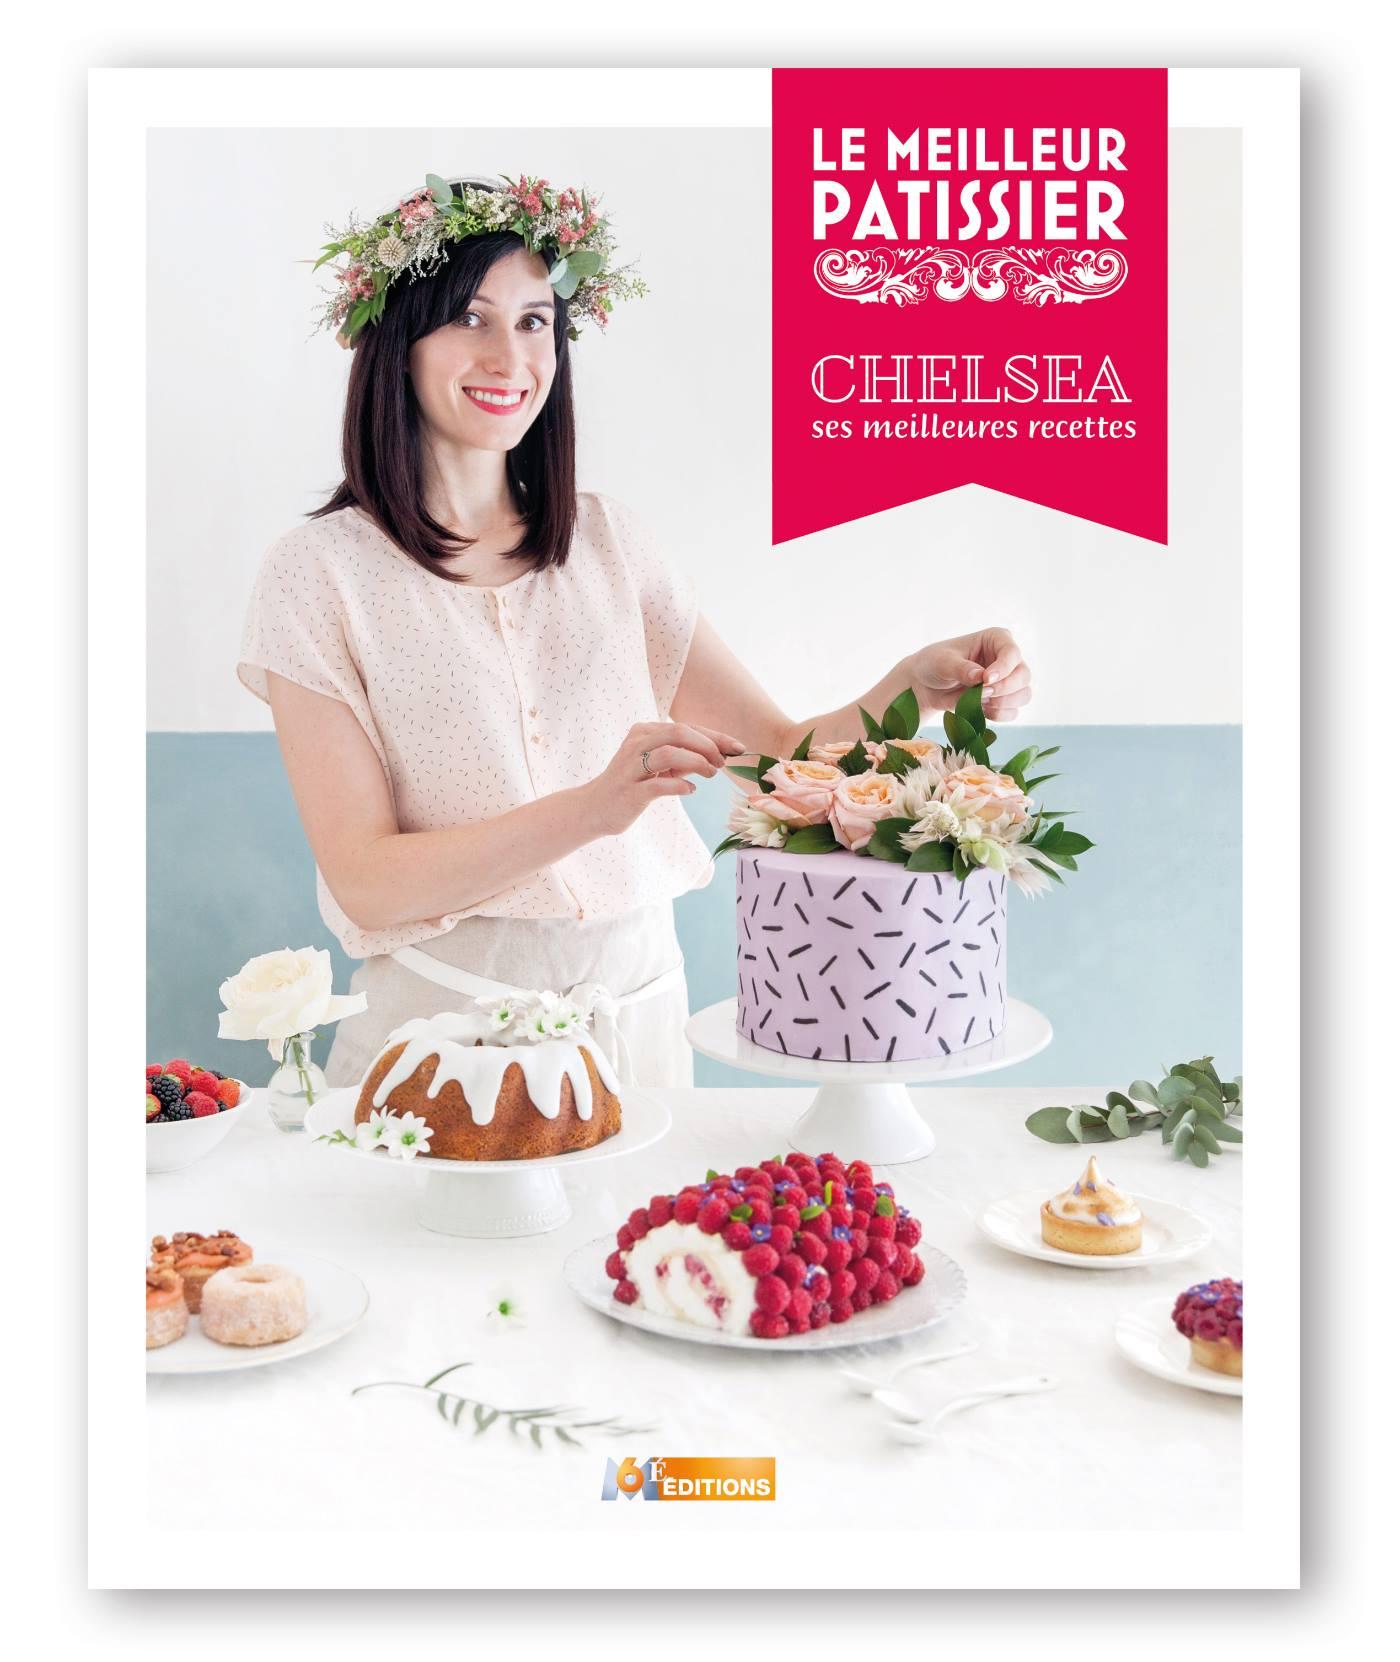 livre de chelsea le meilleur pâtissier